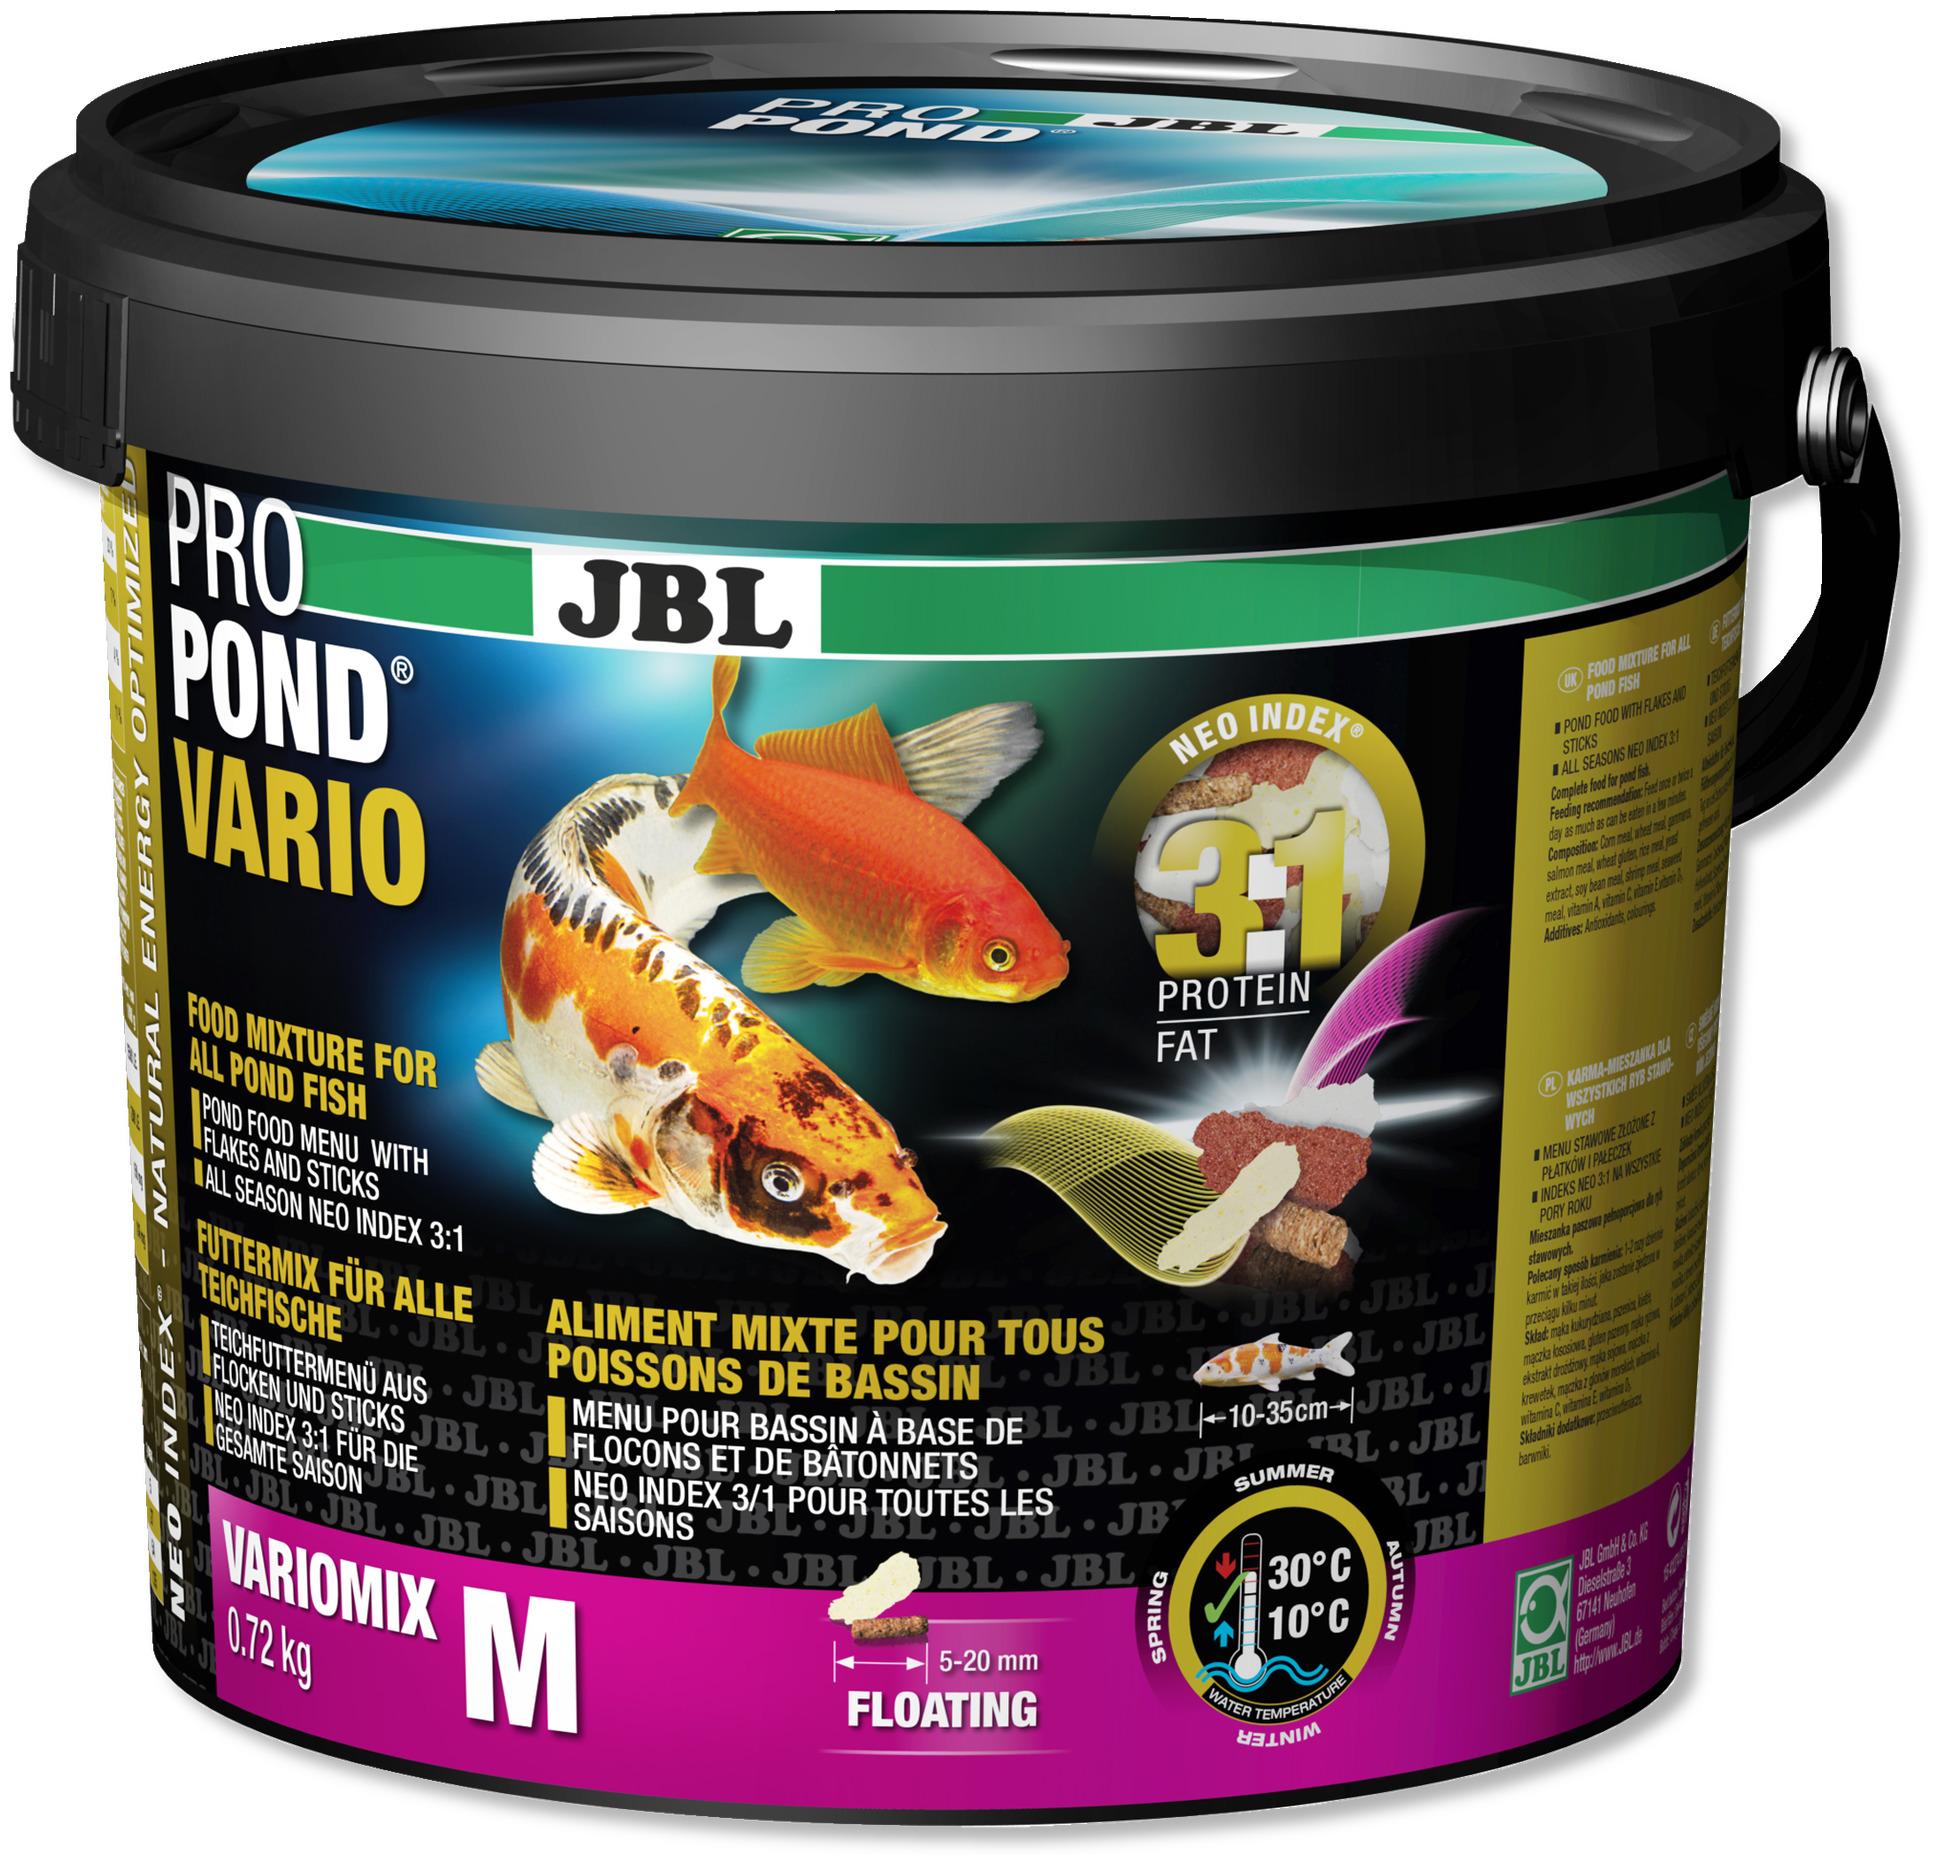 JBL ProPond Vario M 0,72 Kg nourriture avec flocons et bâtonnets pour tous poissons de bassin de 10 à 35 cm